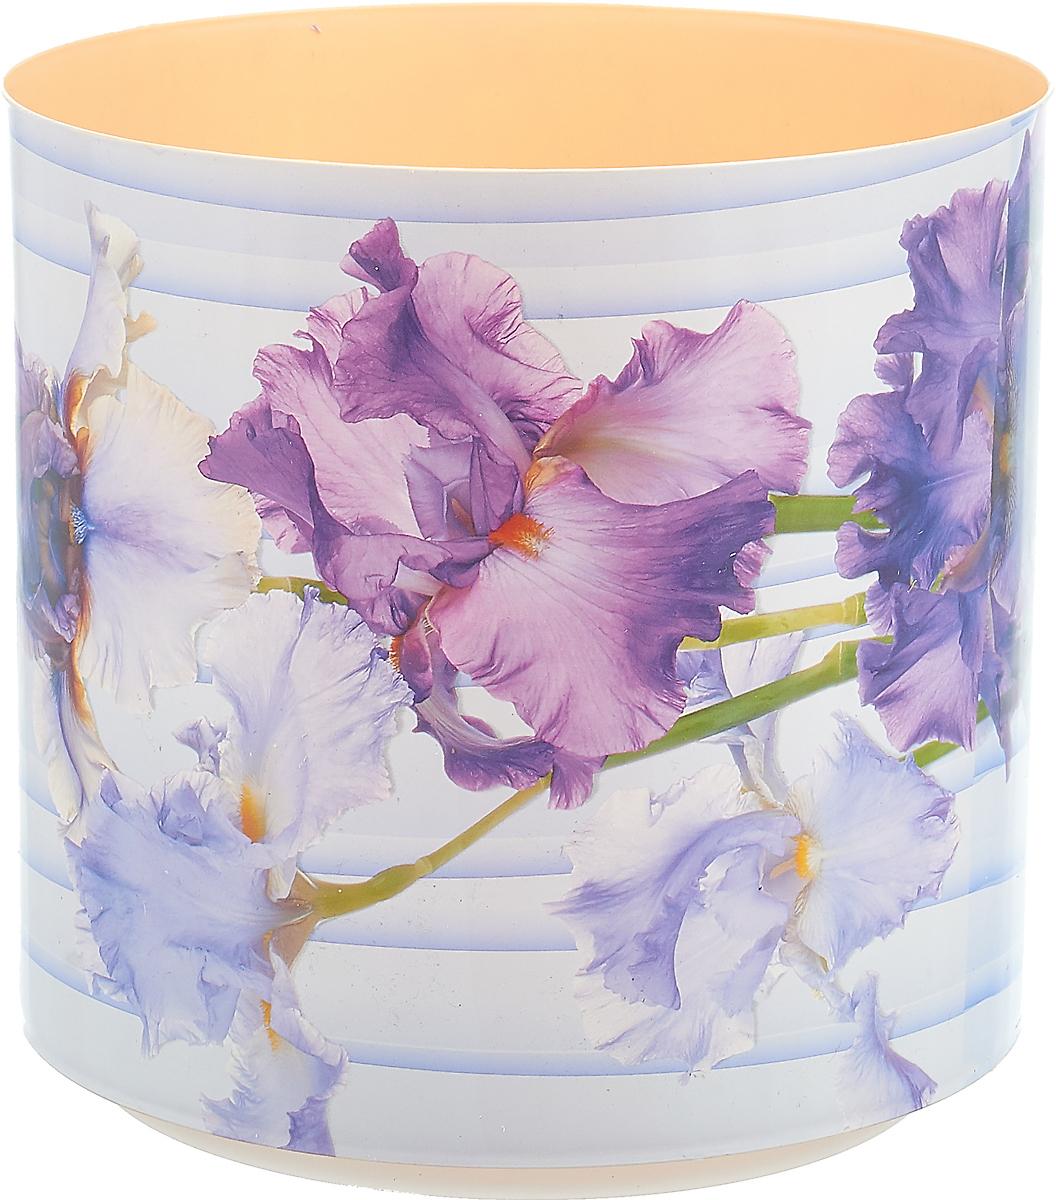 Горшок для цветов Simple Garden Прованс. Ирис, со скрытым поддоном, цвет: сиреневый, 5,1 л цена